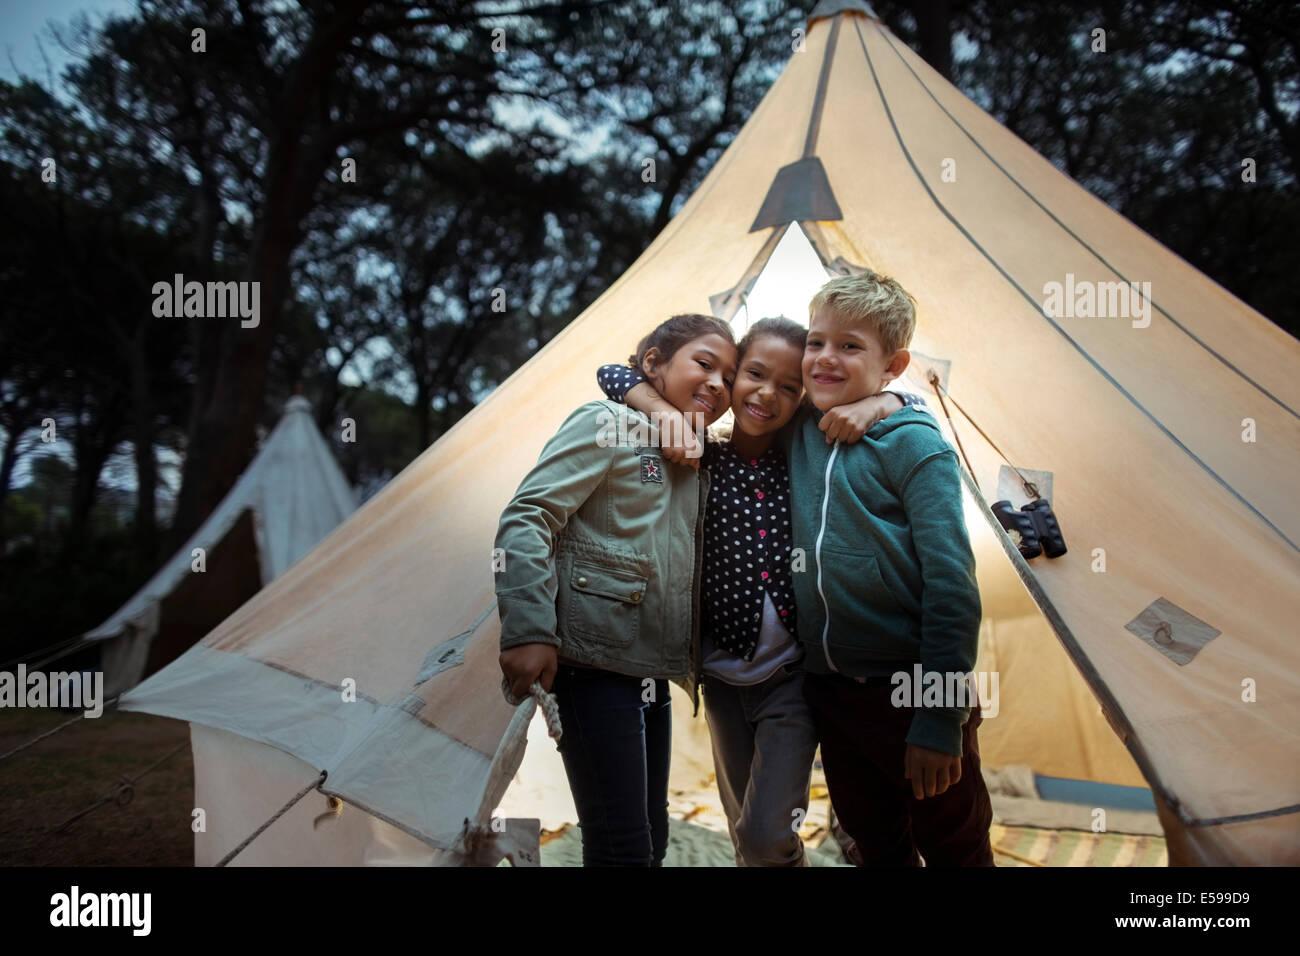 Los niños abrazar por tienda en el camping Imagen De Stock